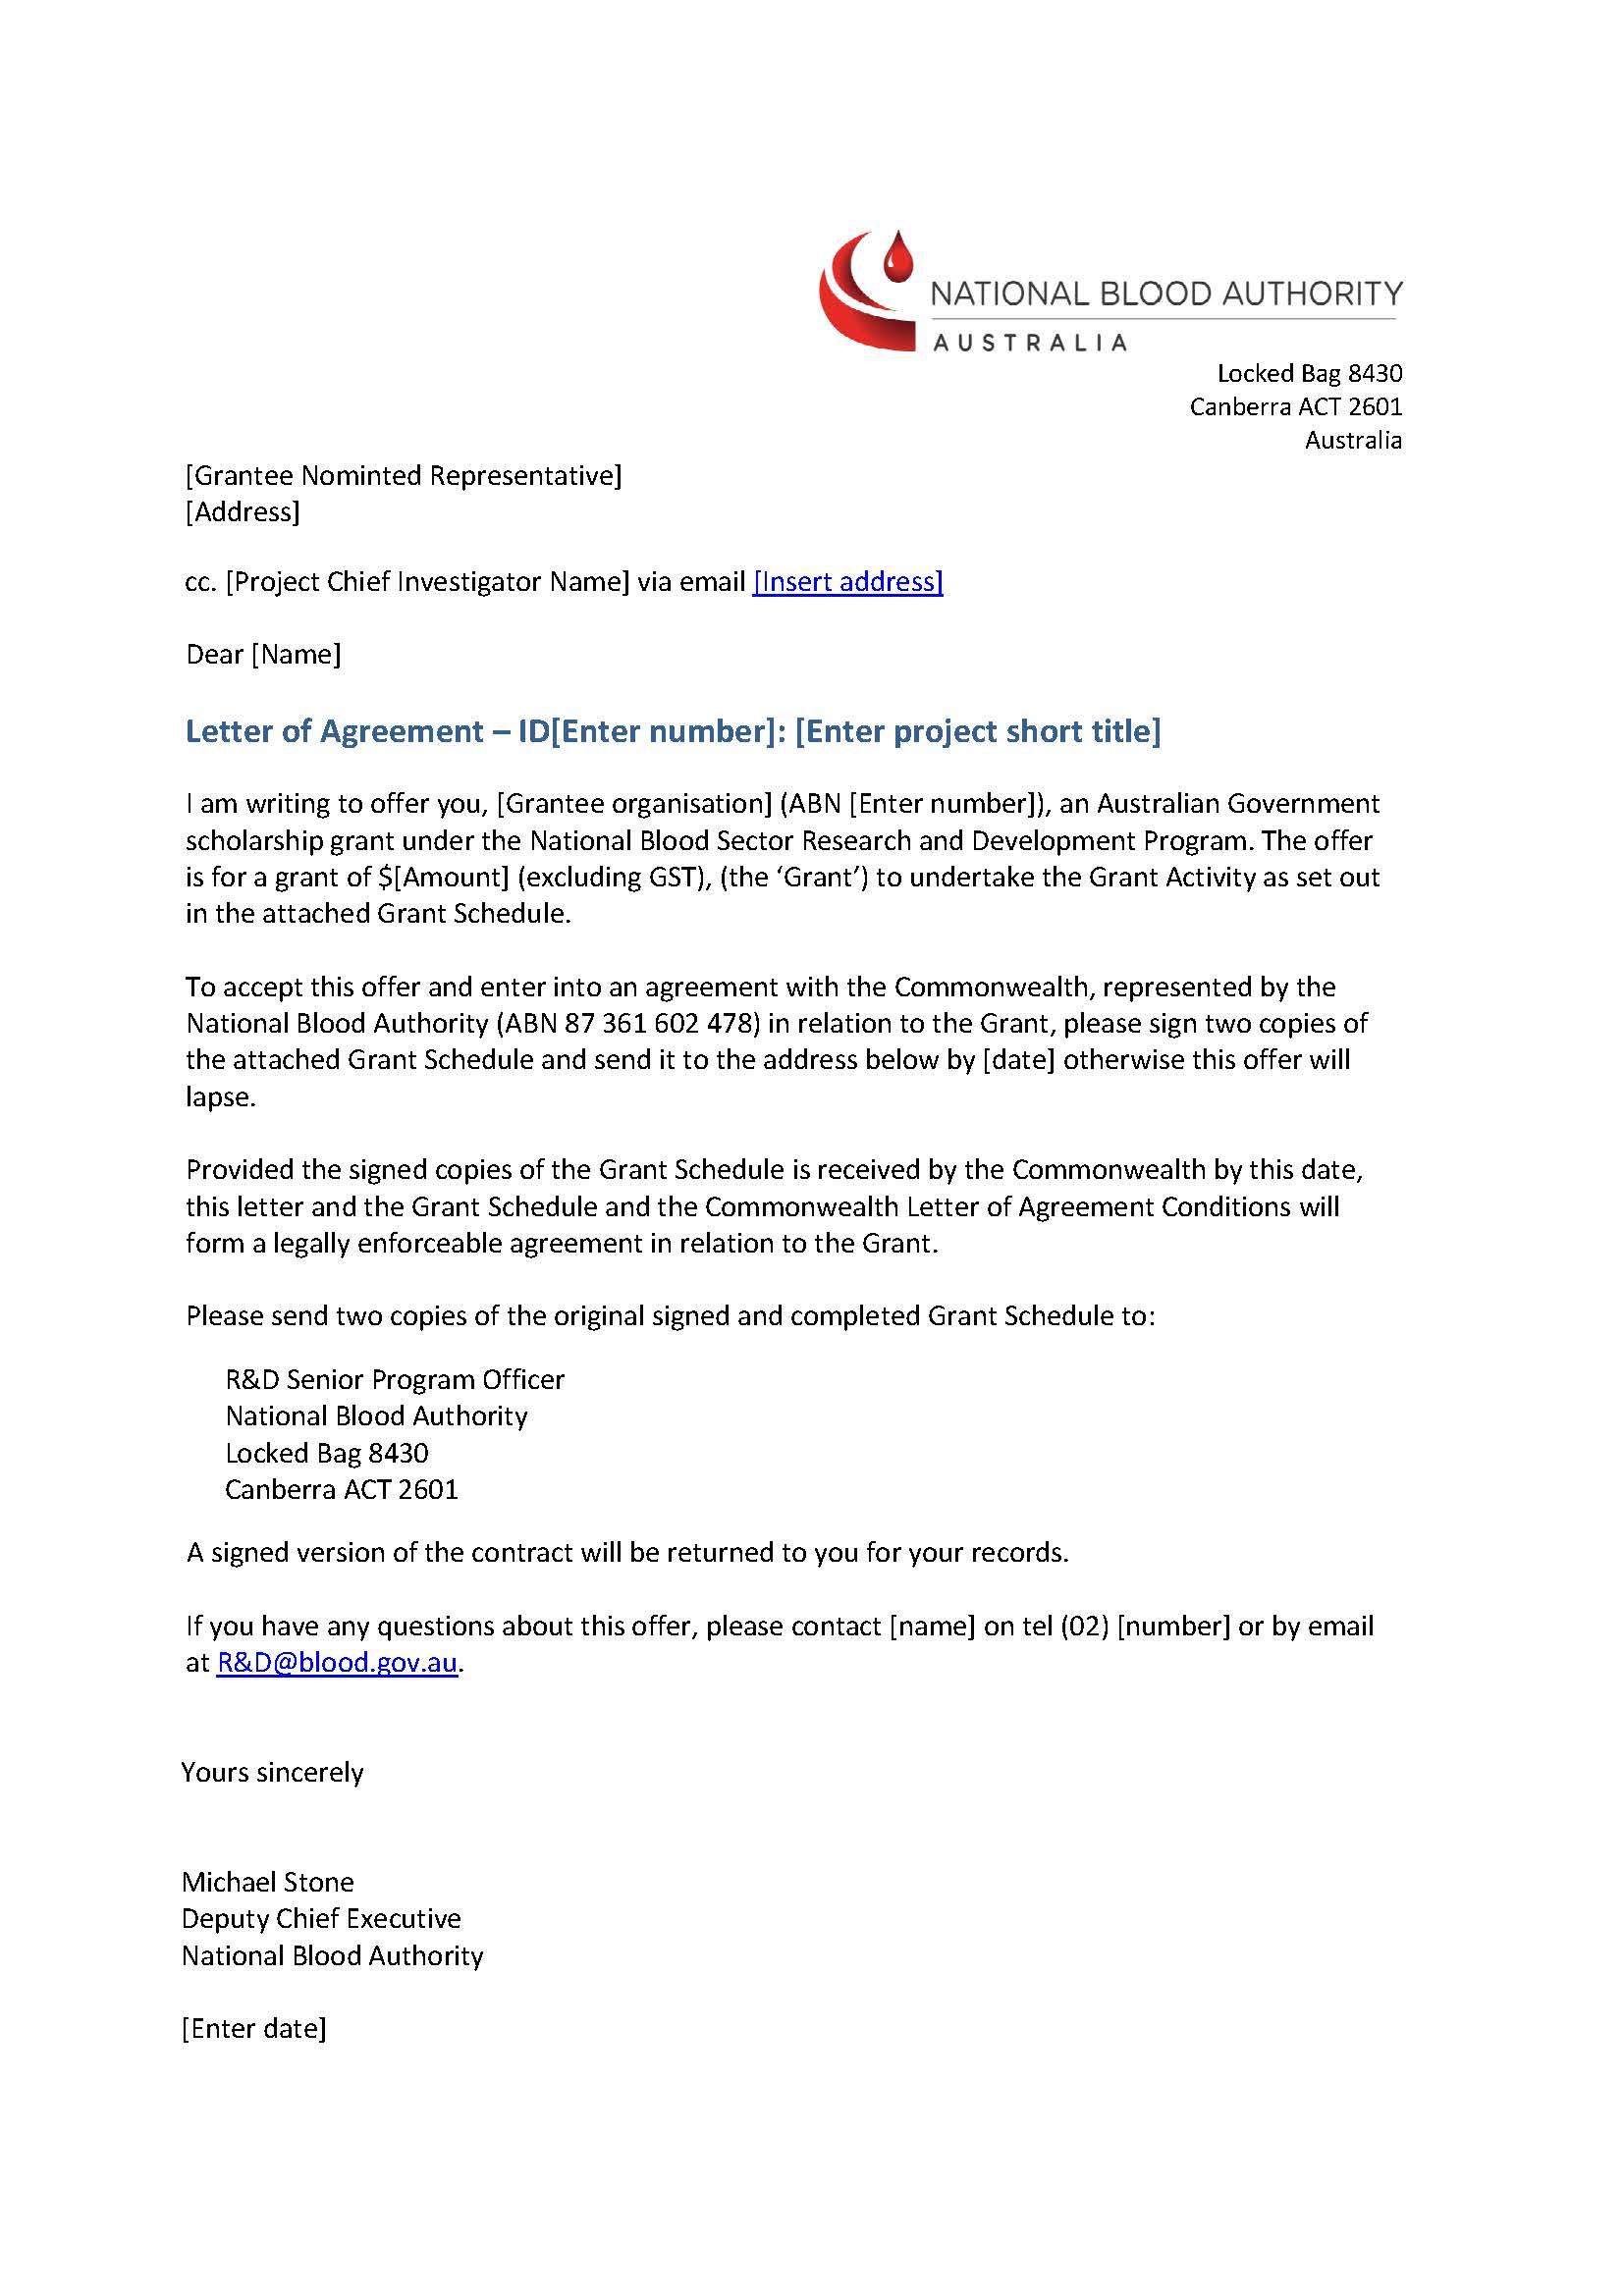 Letter of Agreement for Scholarship Grants